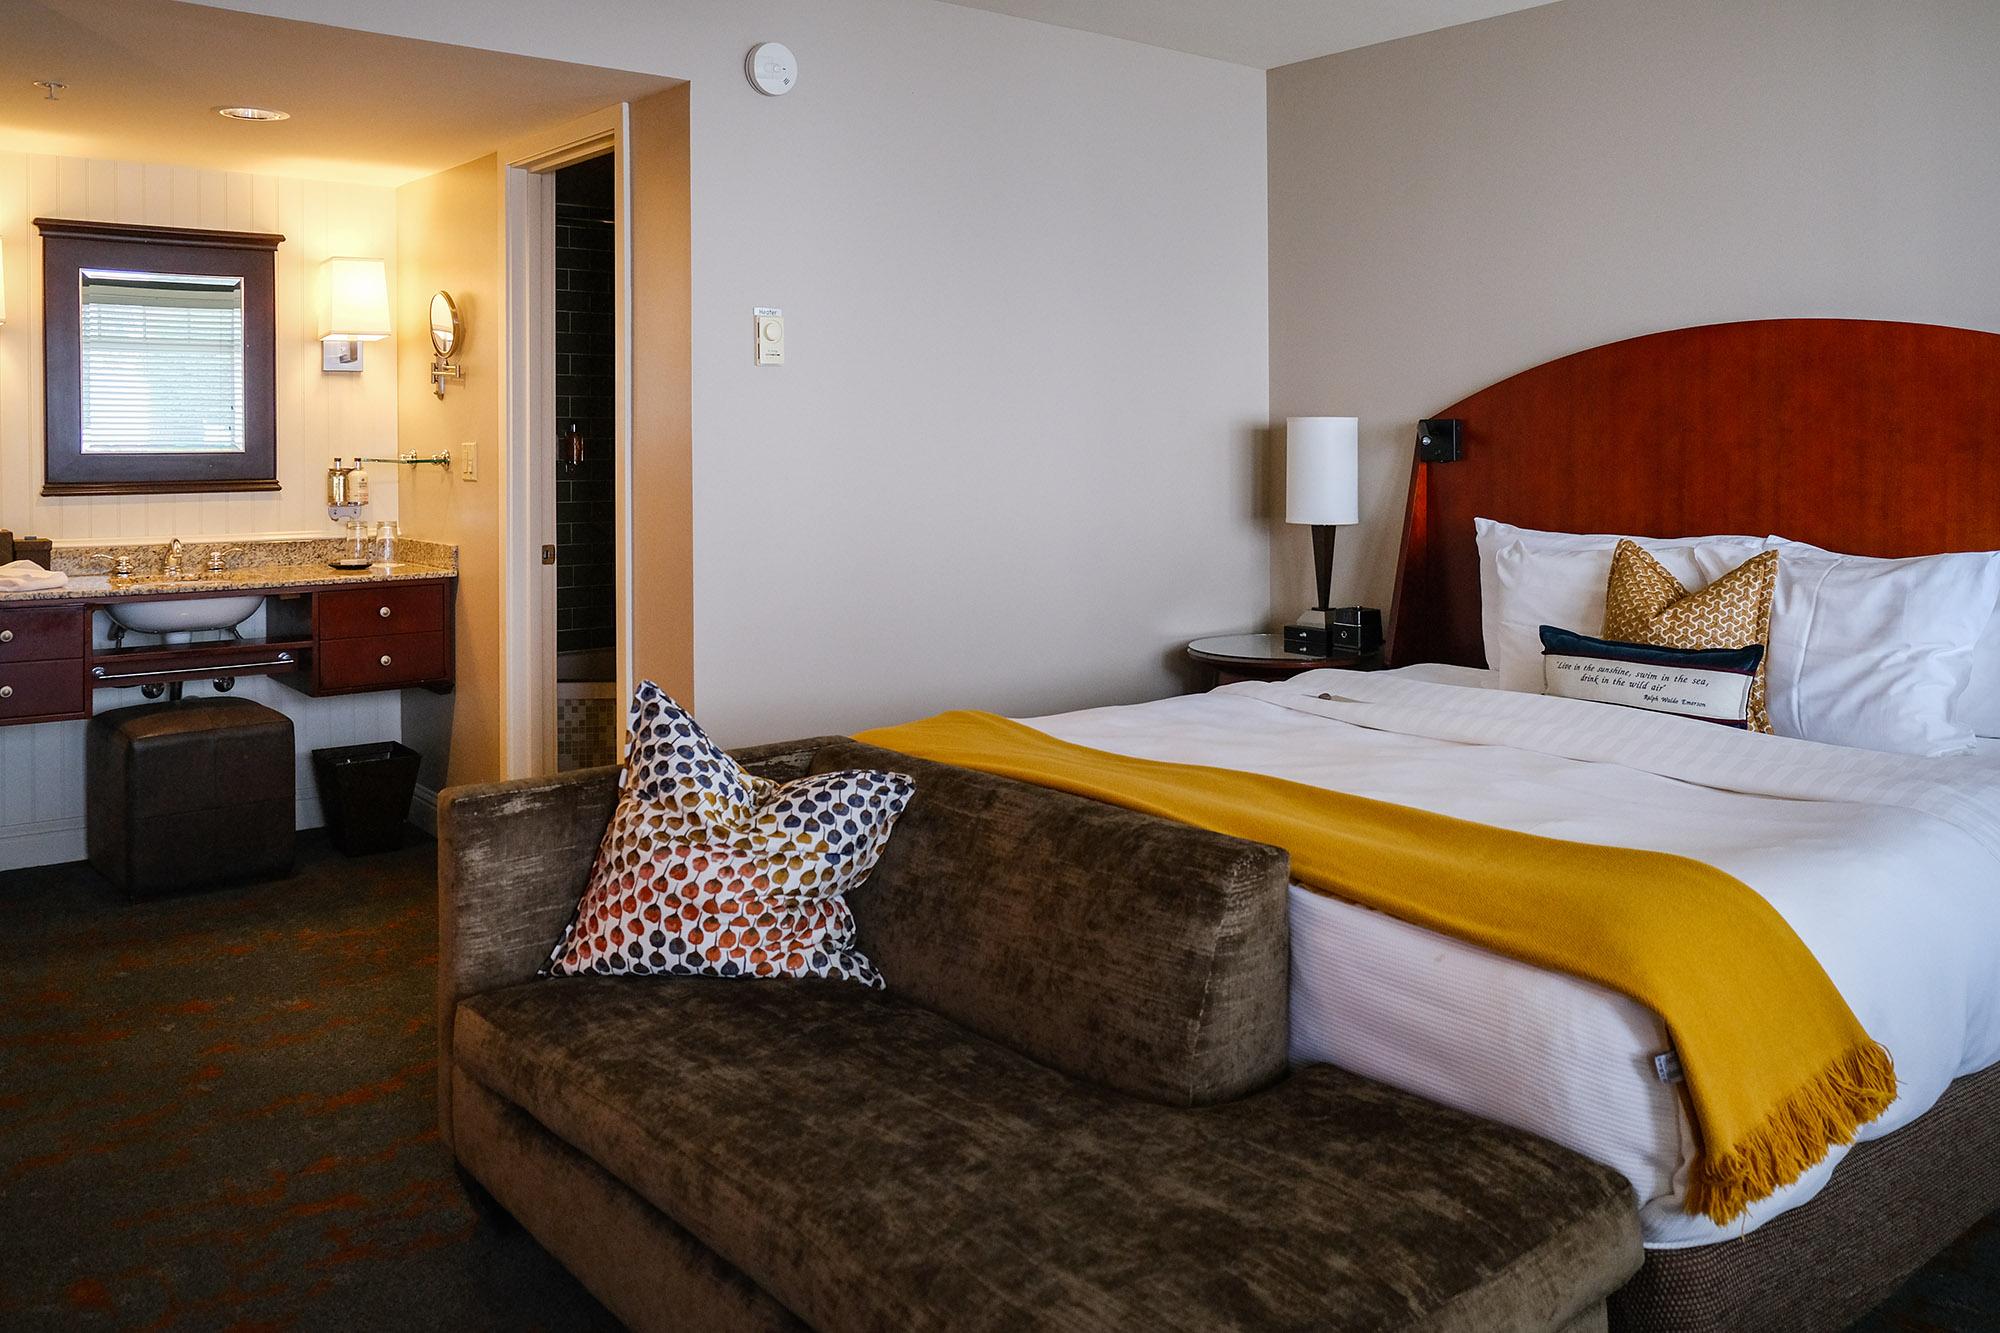 Pratt_Alderbrook Resort_003.jpg